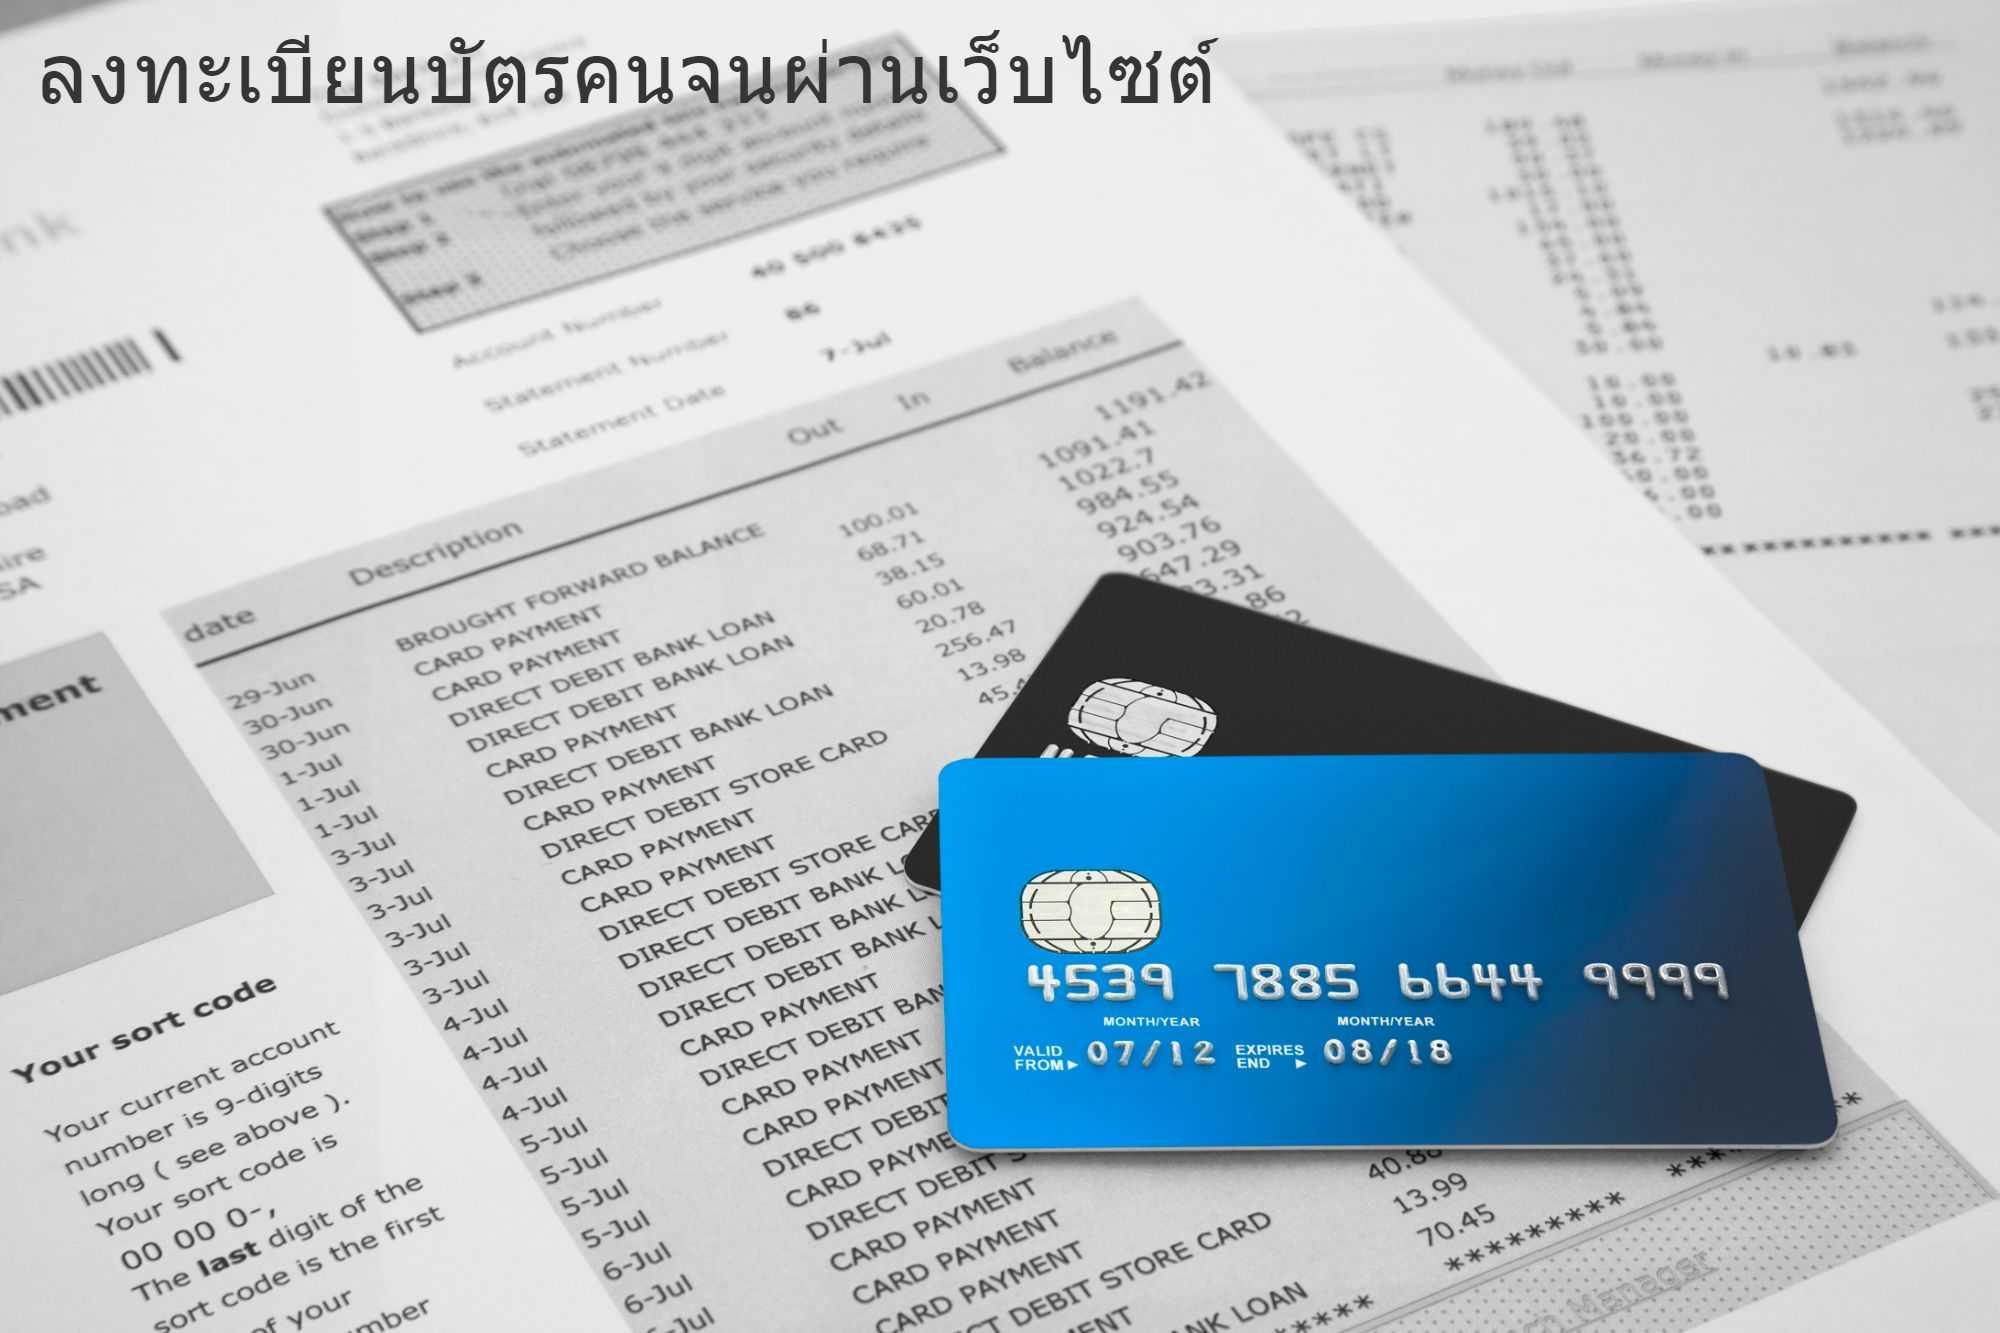 ลงทะเบียนบัตรคนจนผ่านเว็บไซต์ล่าสุด พร้อมวืธีเช็คเงินบัตรคนจนปีนี้